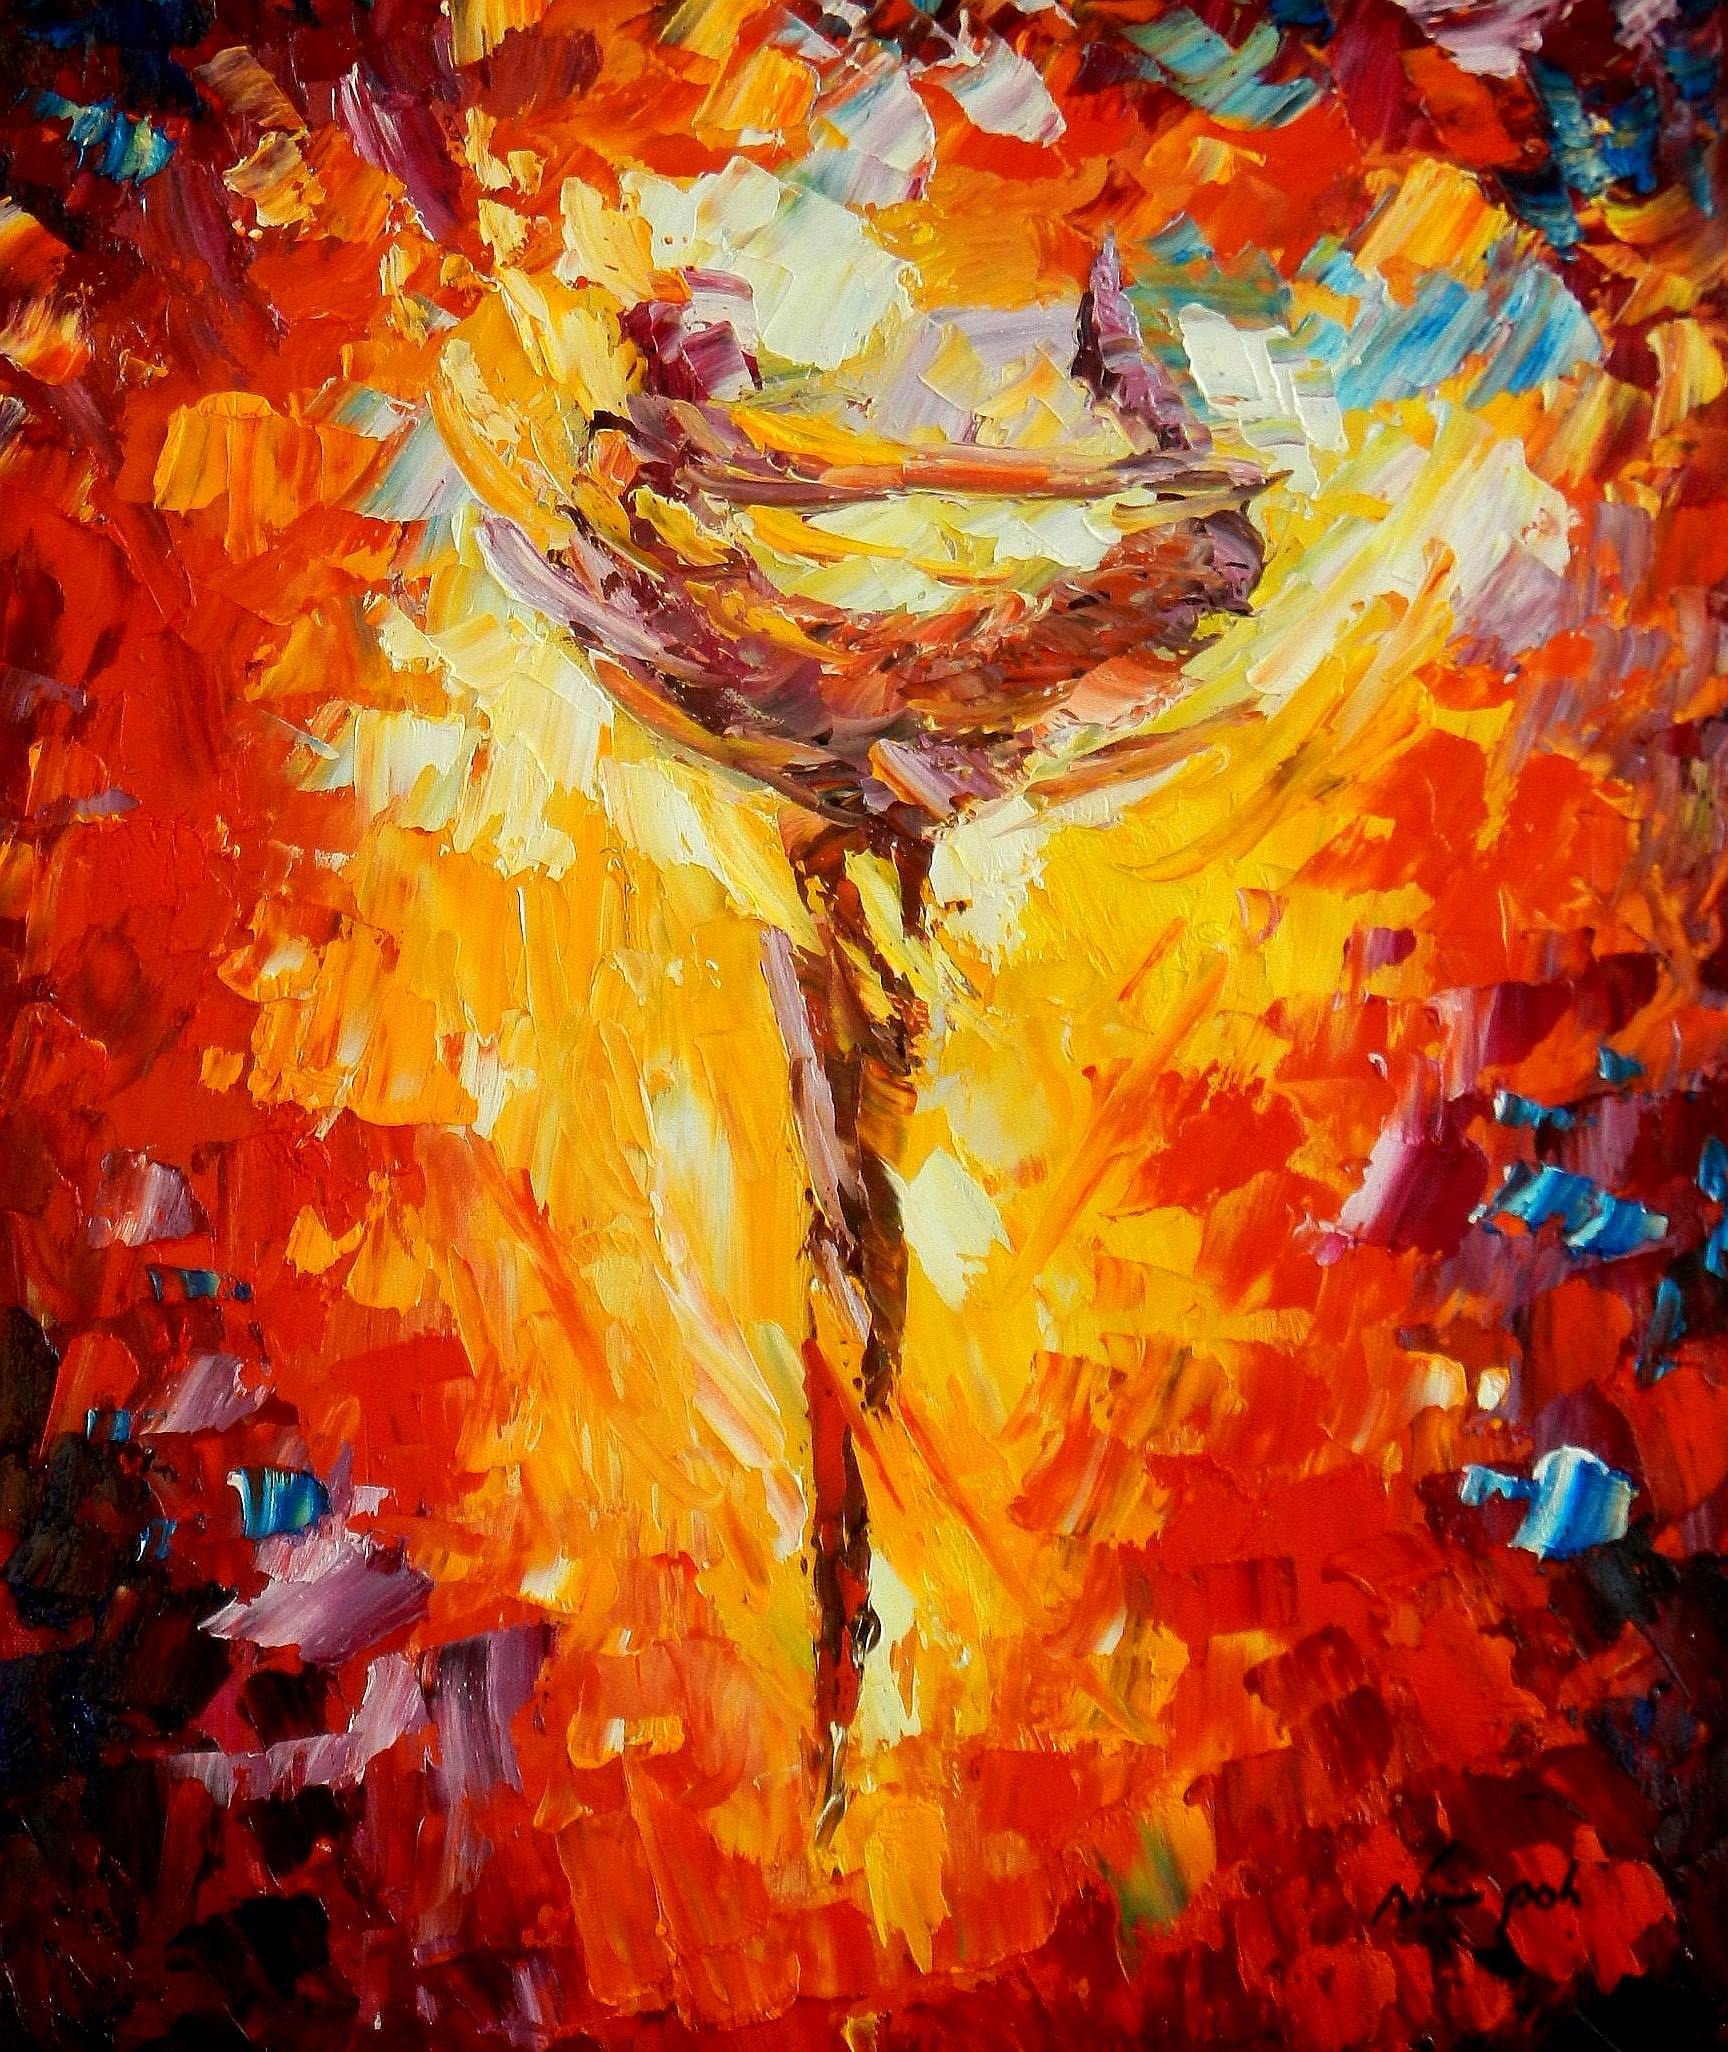 Modern Art - Passion der Tänzerin c93663 50x60cm abstraktes Ölbild